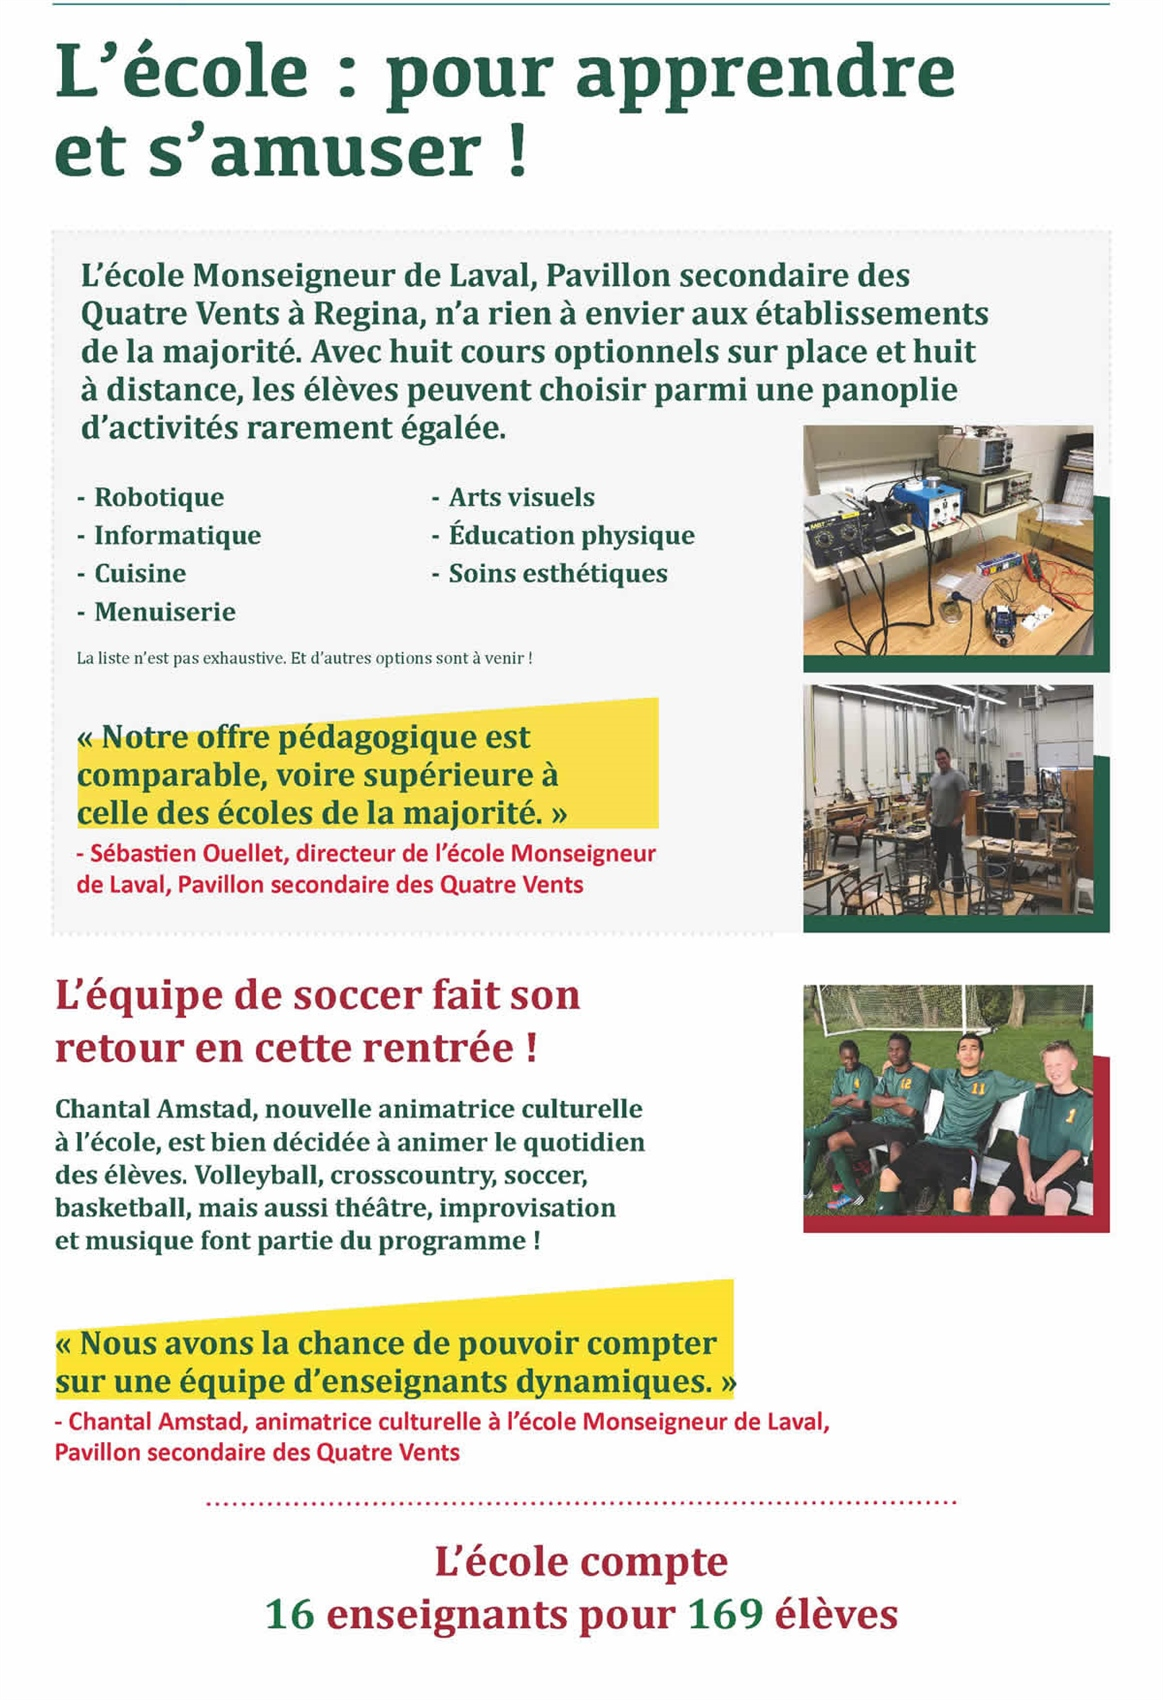 Coup d'oeil sur l'École Mgr de Laval